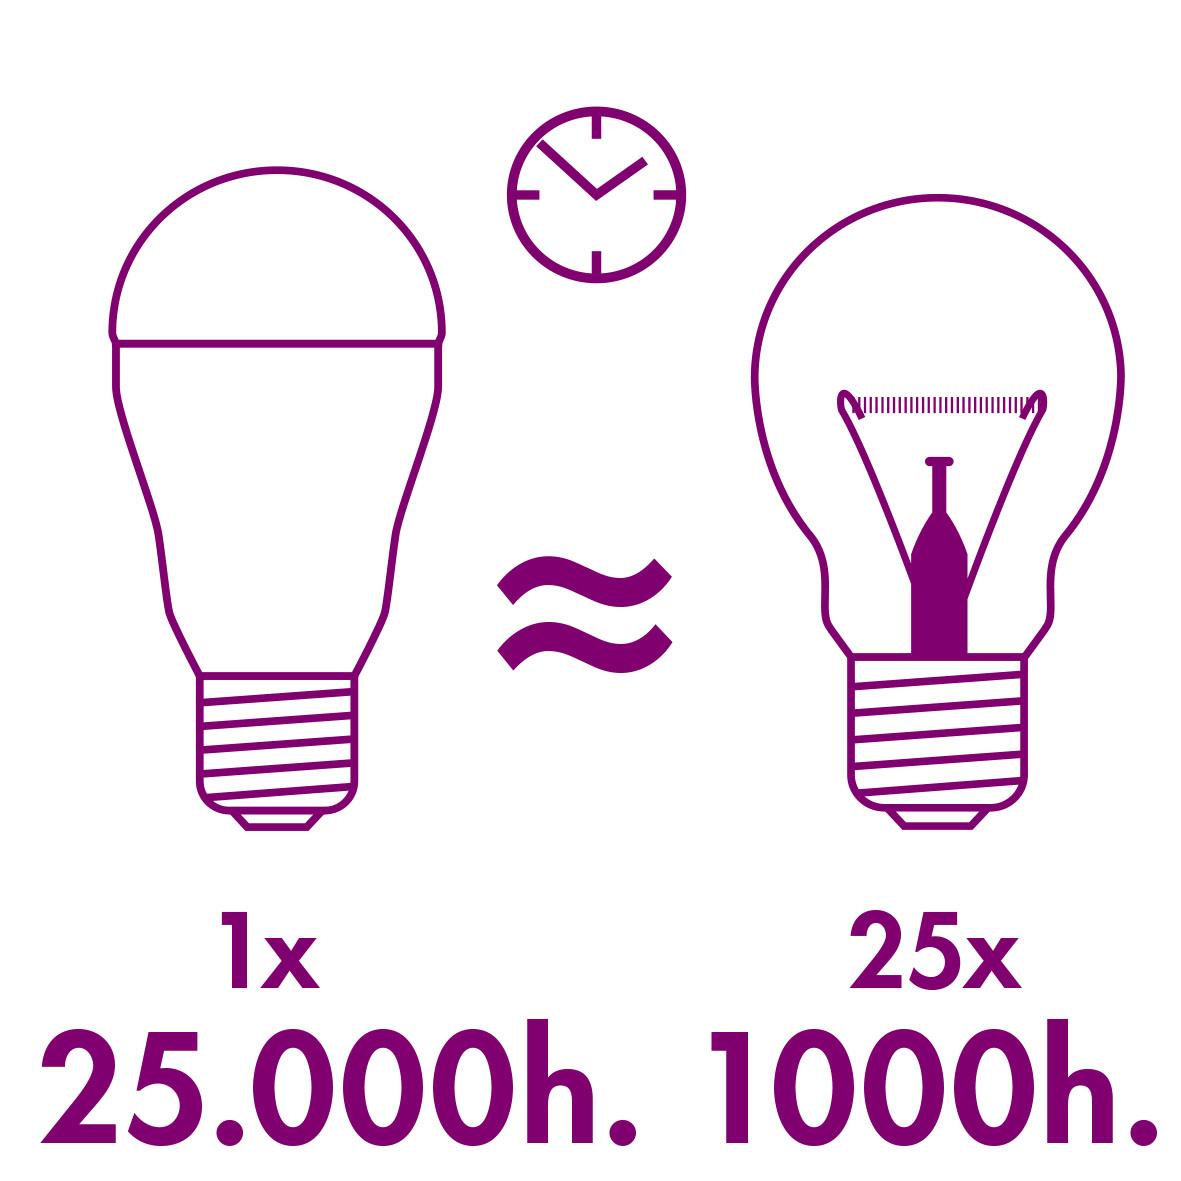 Xq lite xq13160 led birnenleuchtmittel e27 13 watt ersetzt 75 warum led leuchtmittel led leuchtmittel sparen bis zu 80 energie im vergleich zu glhbirnen und besitzen eine brenn lebensdauer von bis zu 25000 stunden parisarafo Images